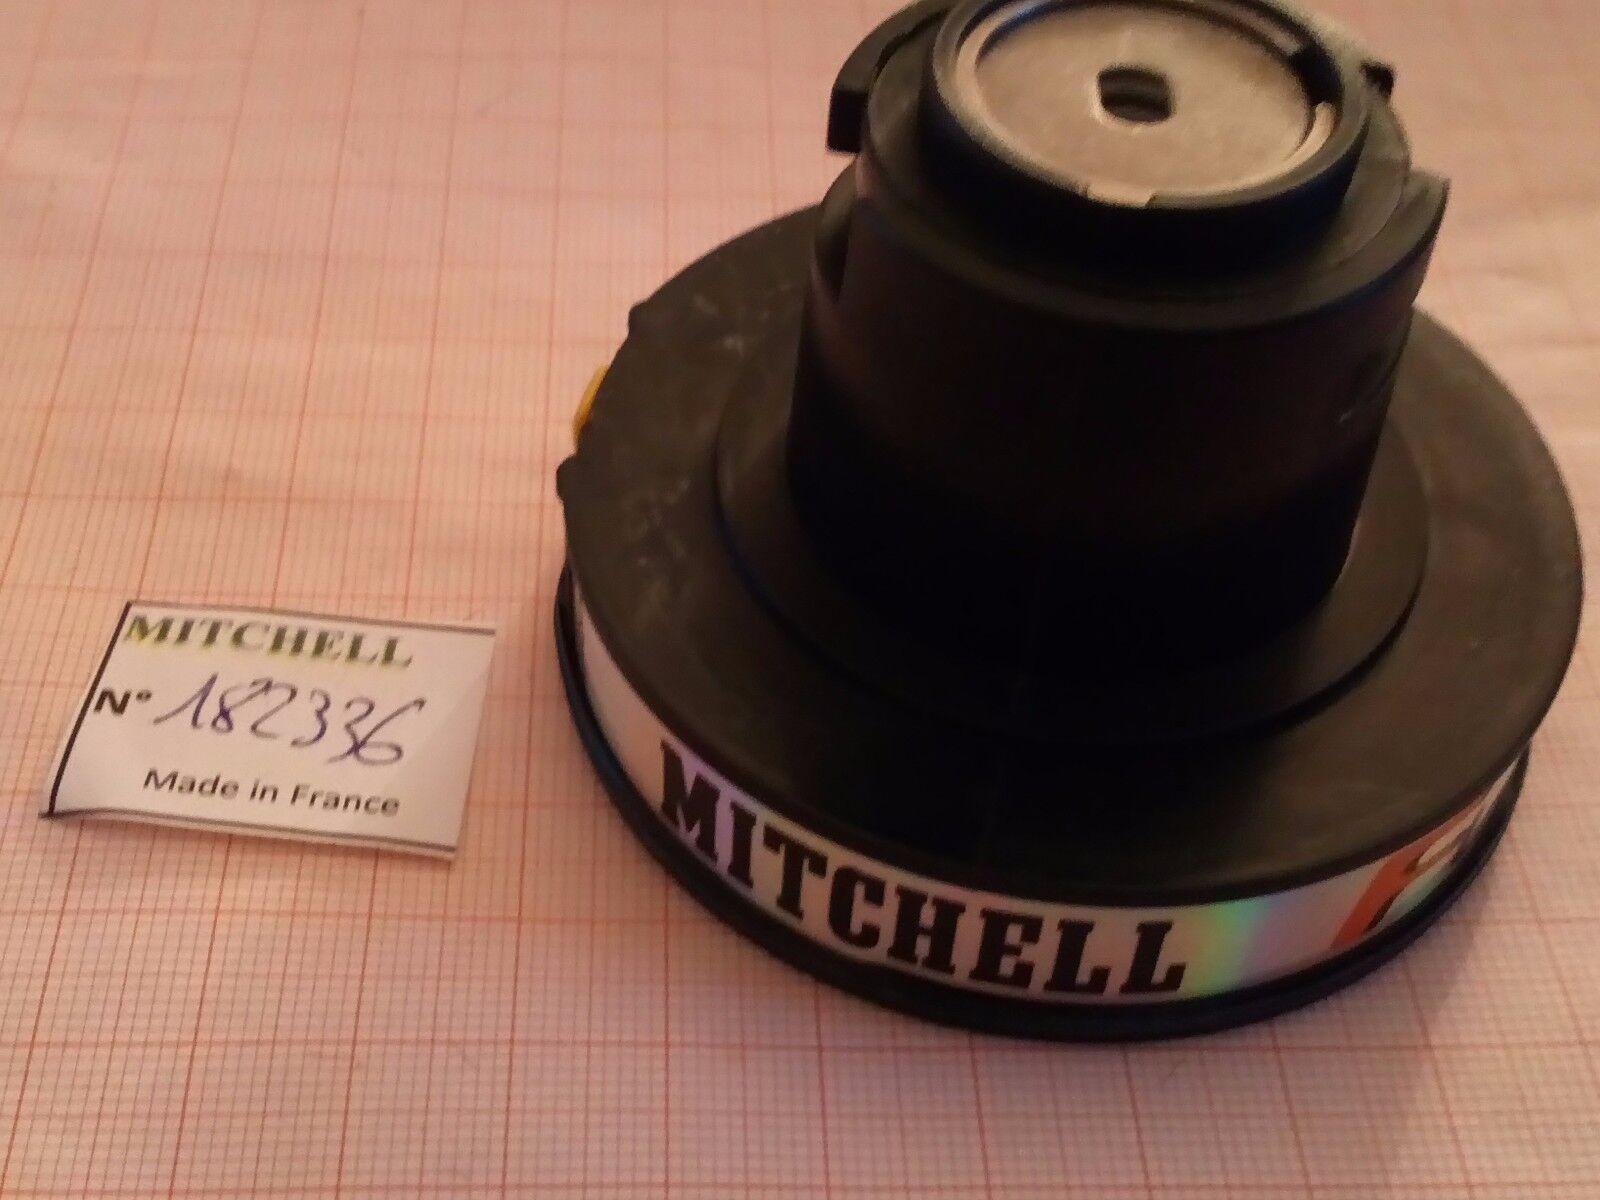 KIT PIGNONS MOULINET MITCHELL FULL RUNNER 7500*PRO MULINELLO REEL PART 182350